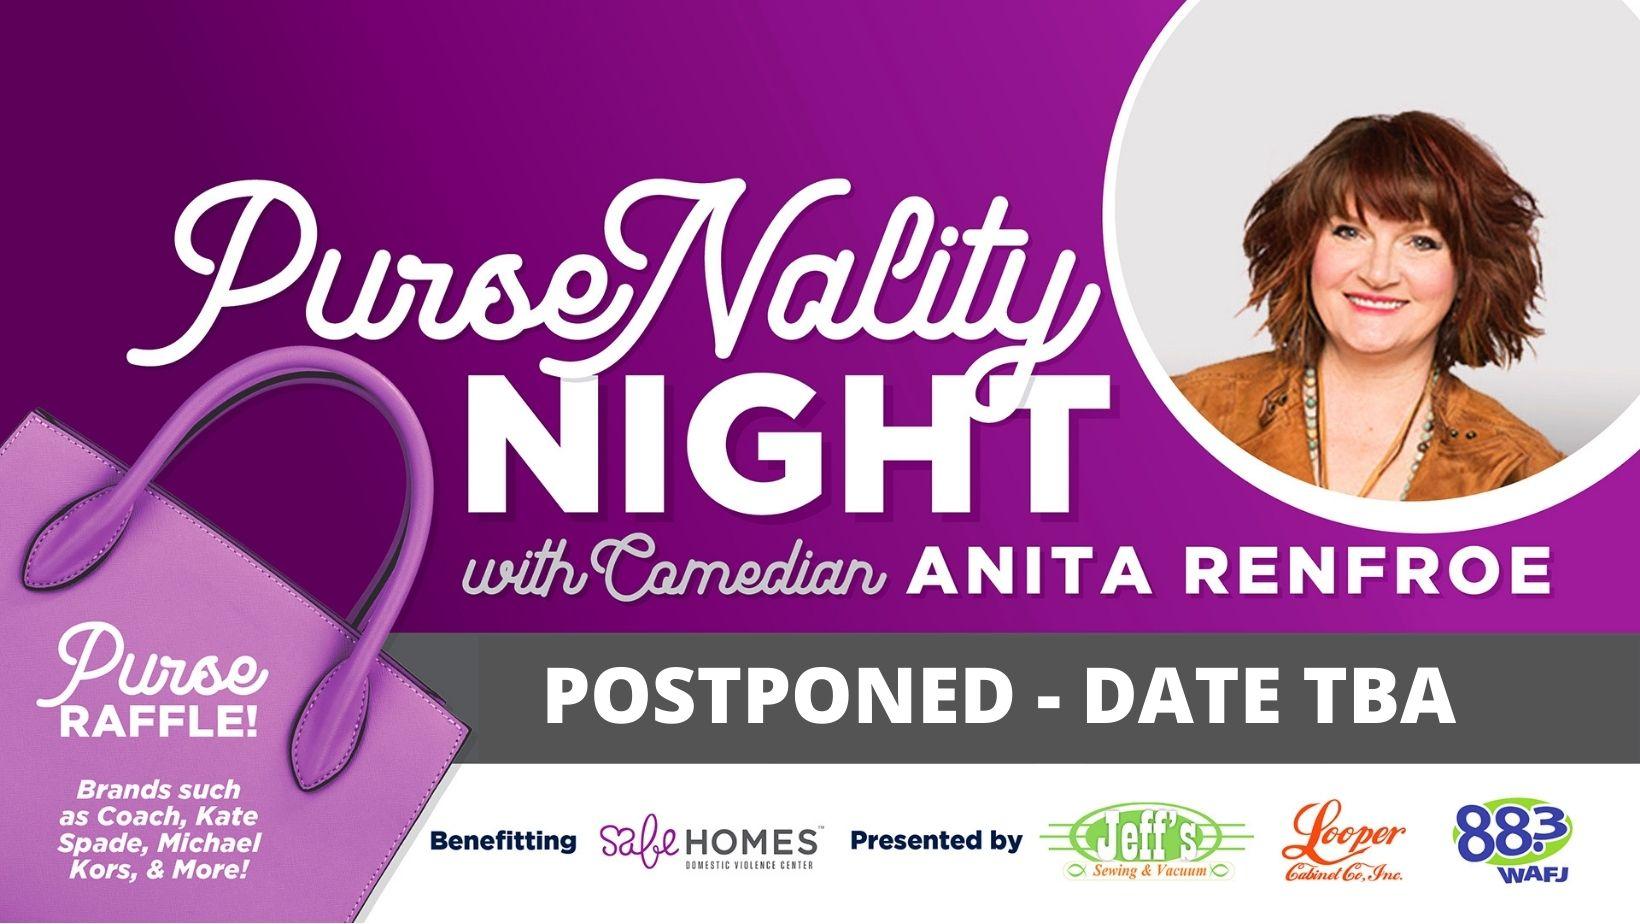 postponedpn | Safe Homes